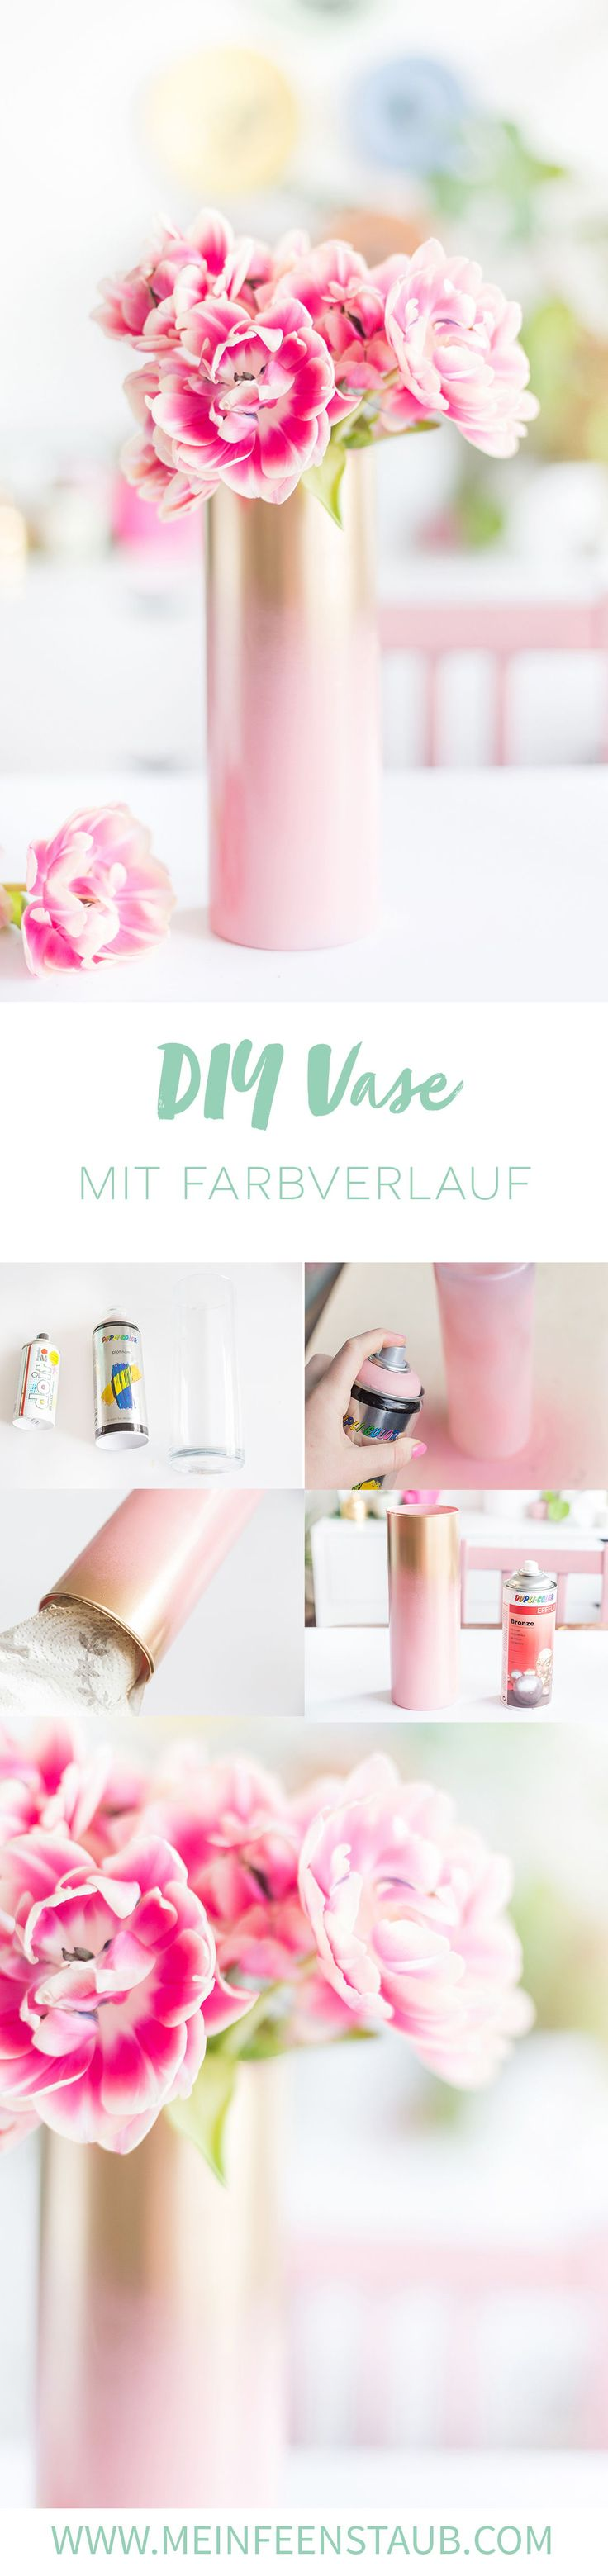 DIY Vase Mit Hubschem Farbverlauf Rosa Und Gold